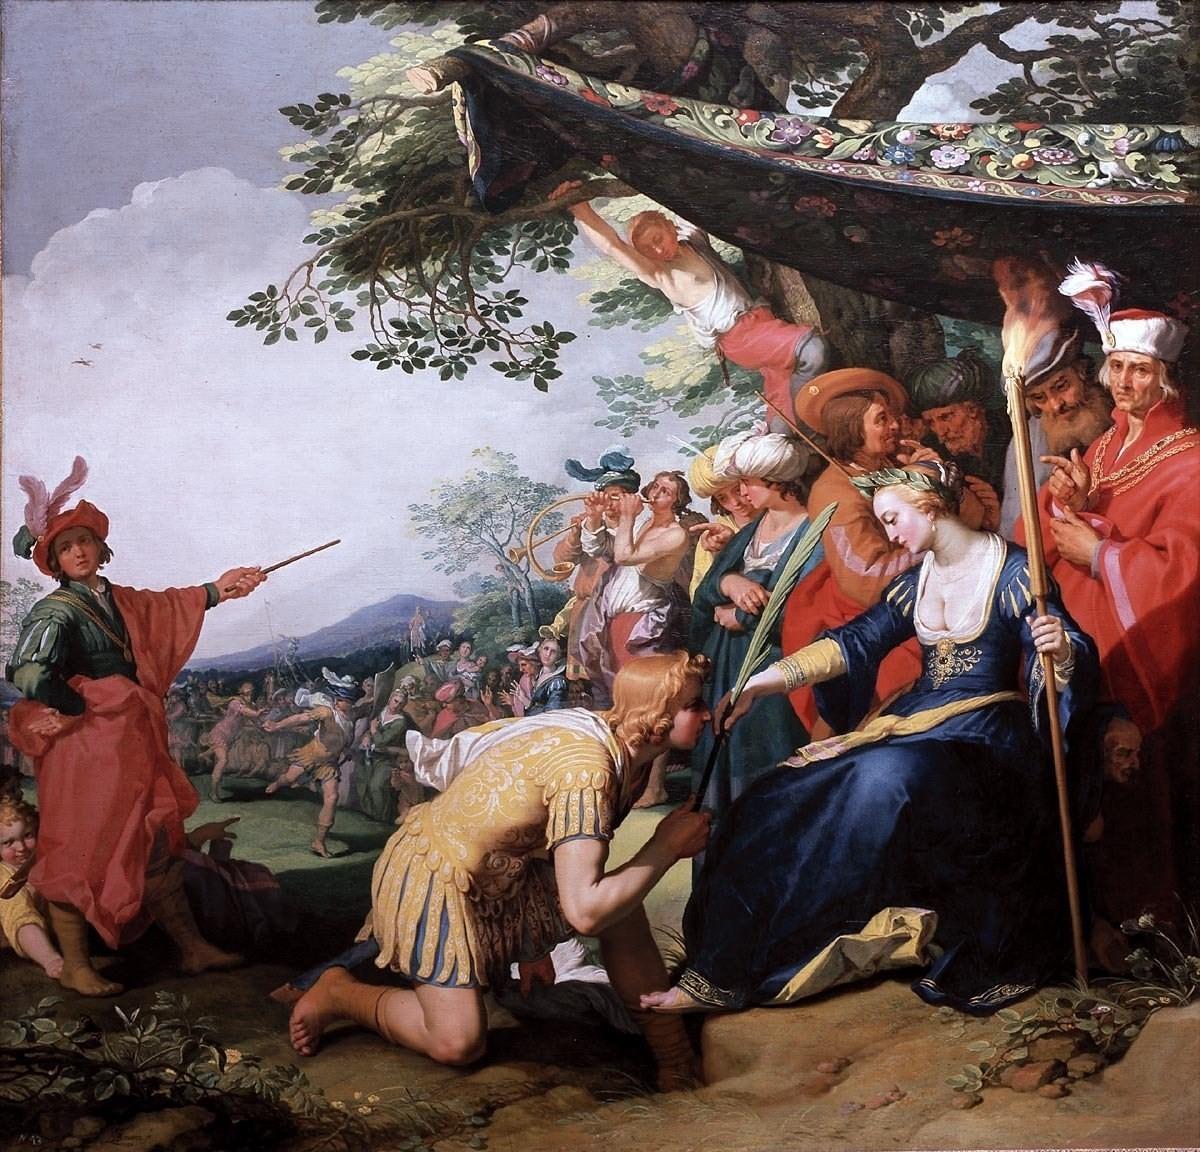 joachim wtewael the wedding of peleus and thesis